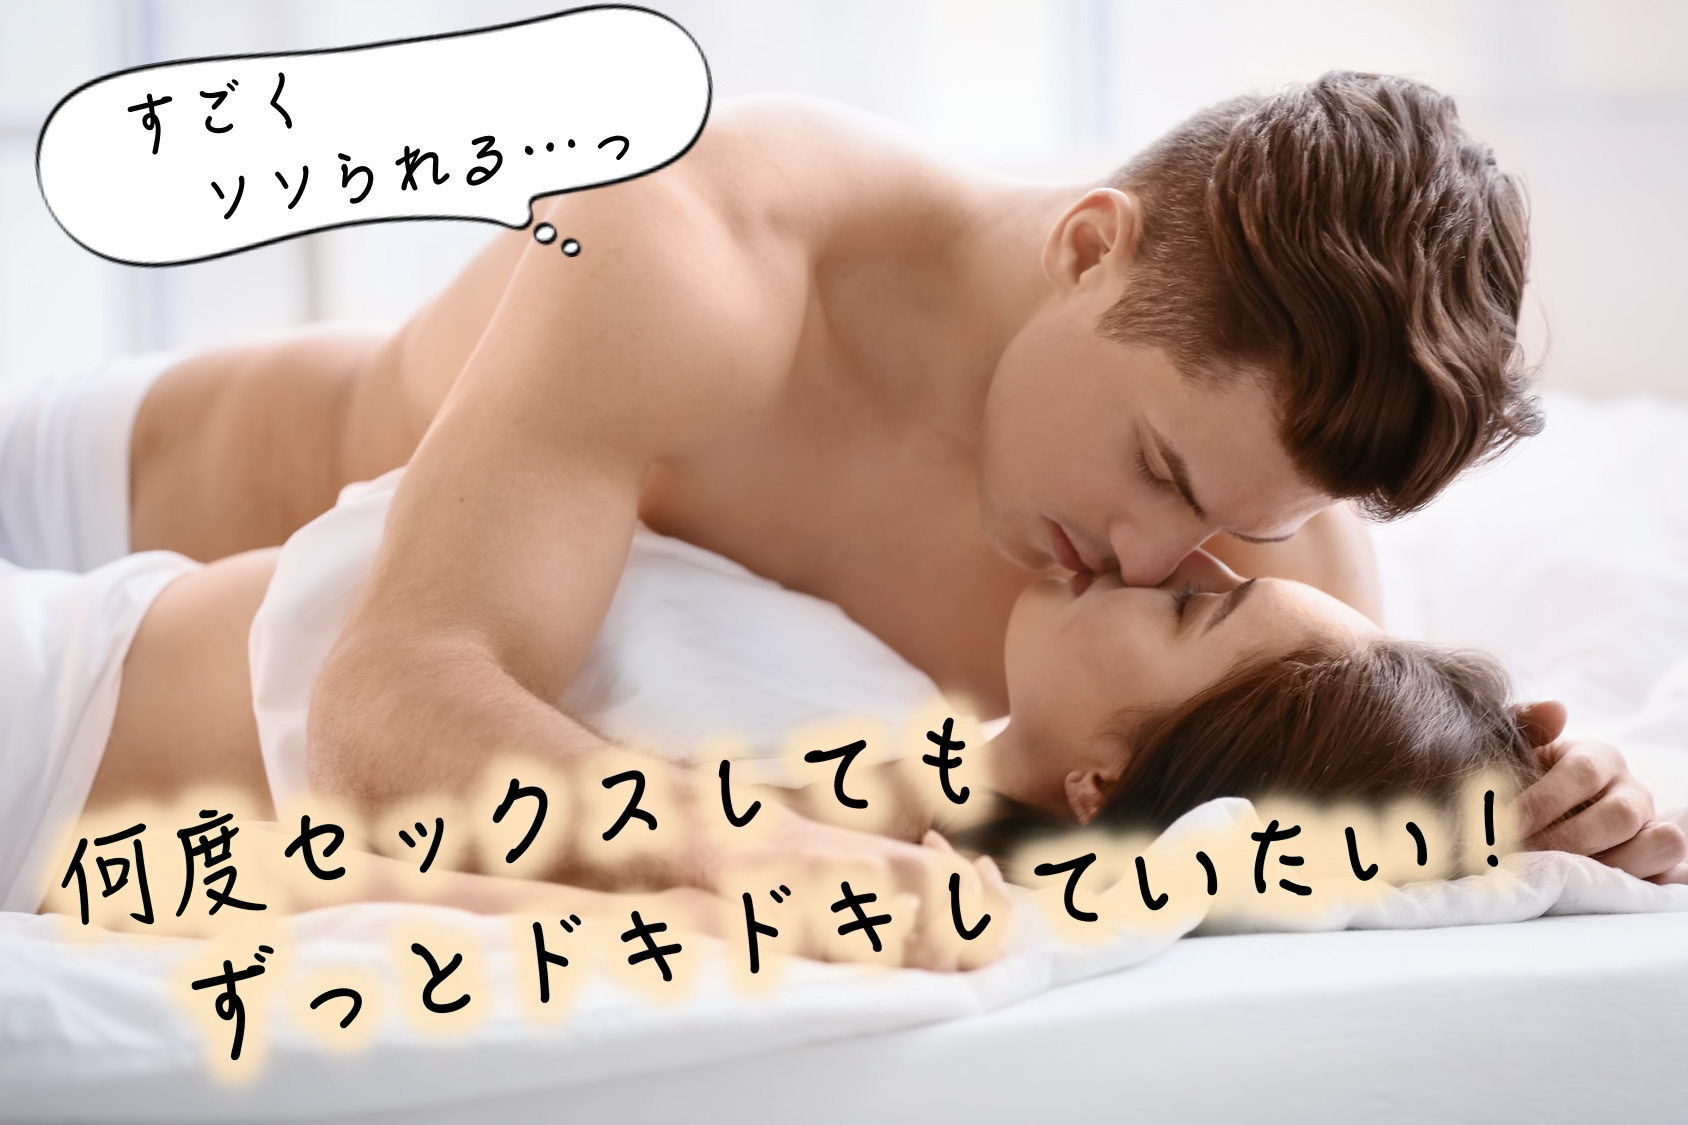 ベッドに寝そべる裸の女性に男性がうっとりと目をつぶりながらキスしている画像